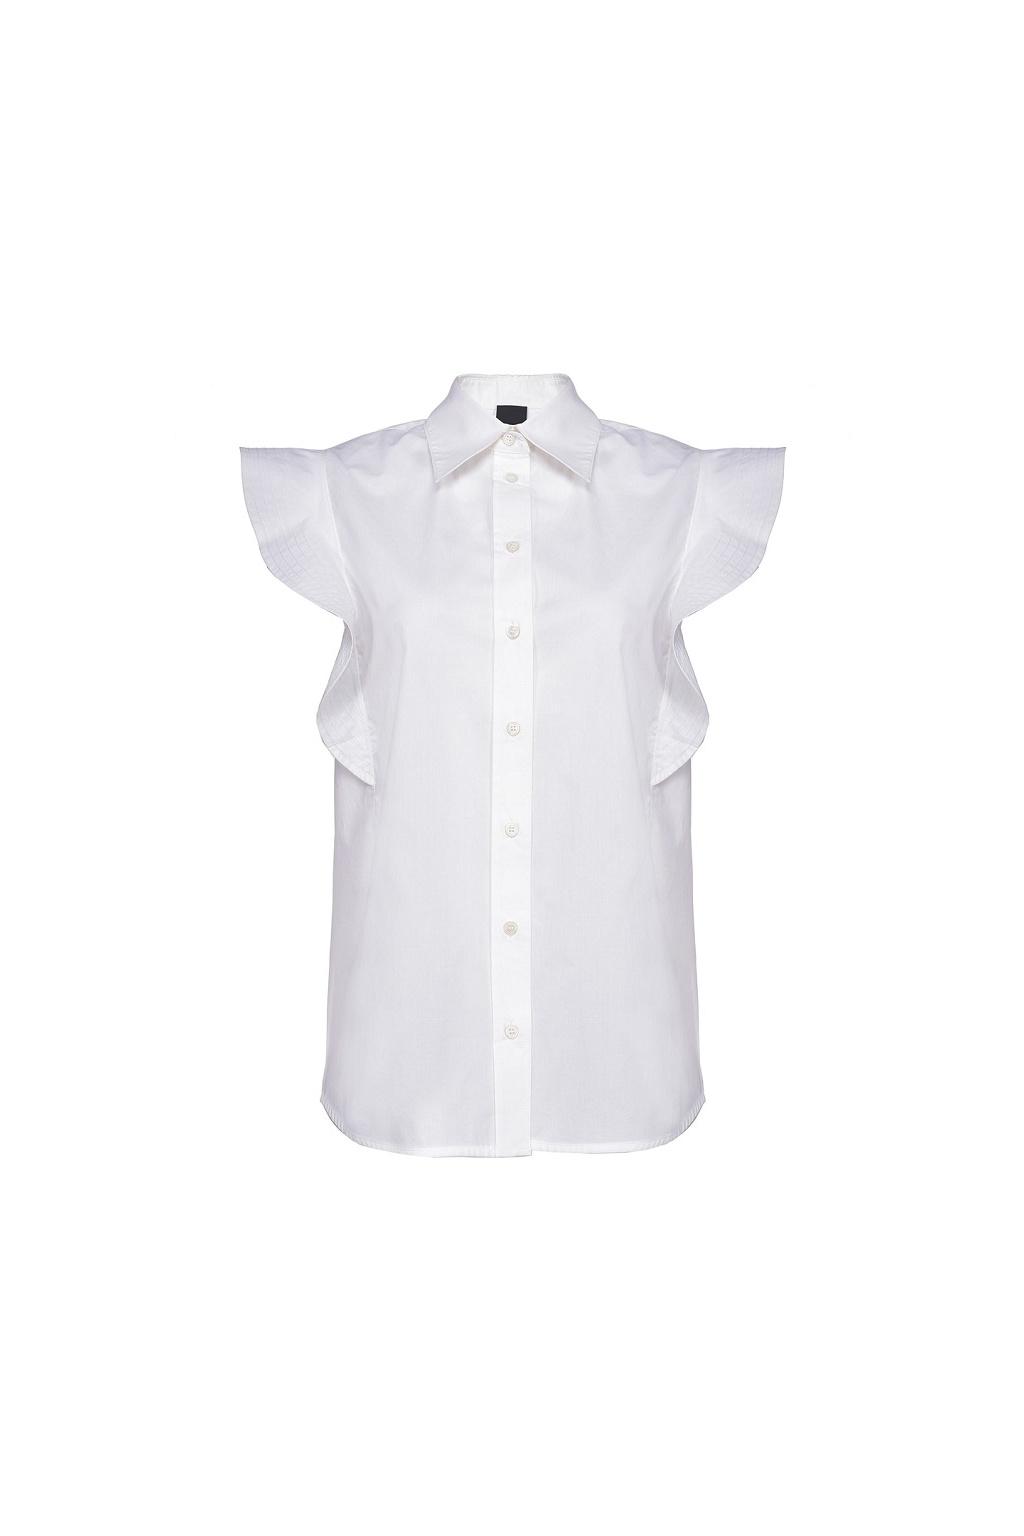 Dámská košile Pinko Nakoma 1 bílá